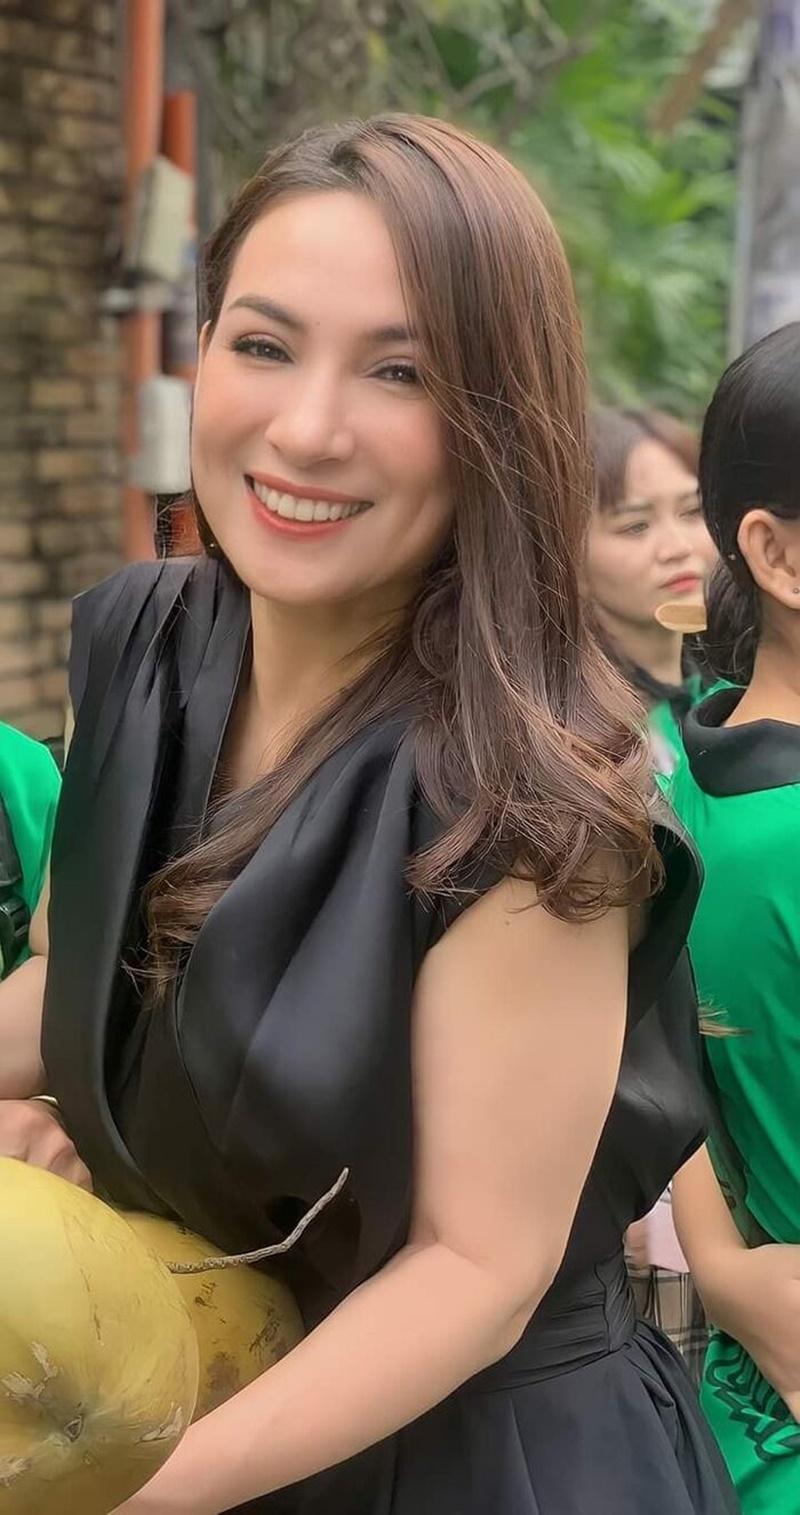 Sự nghiệp âm nhạc đầy thăng hoa của ca sĩ Phi Nhung, từng được mệnh danh là nữ hoàng băng đĩa-4